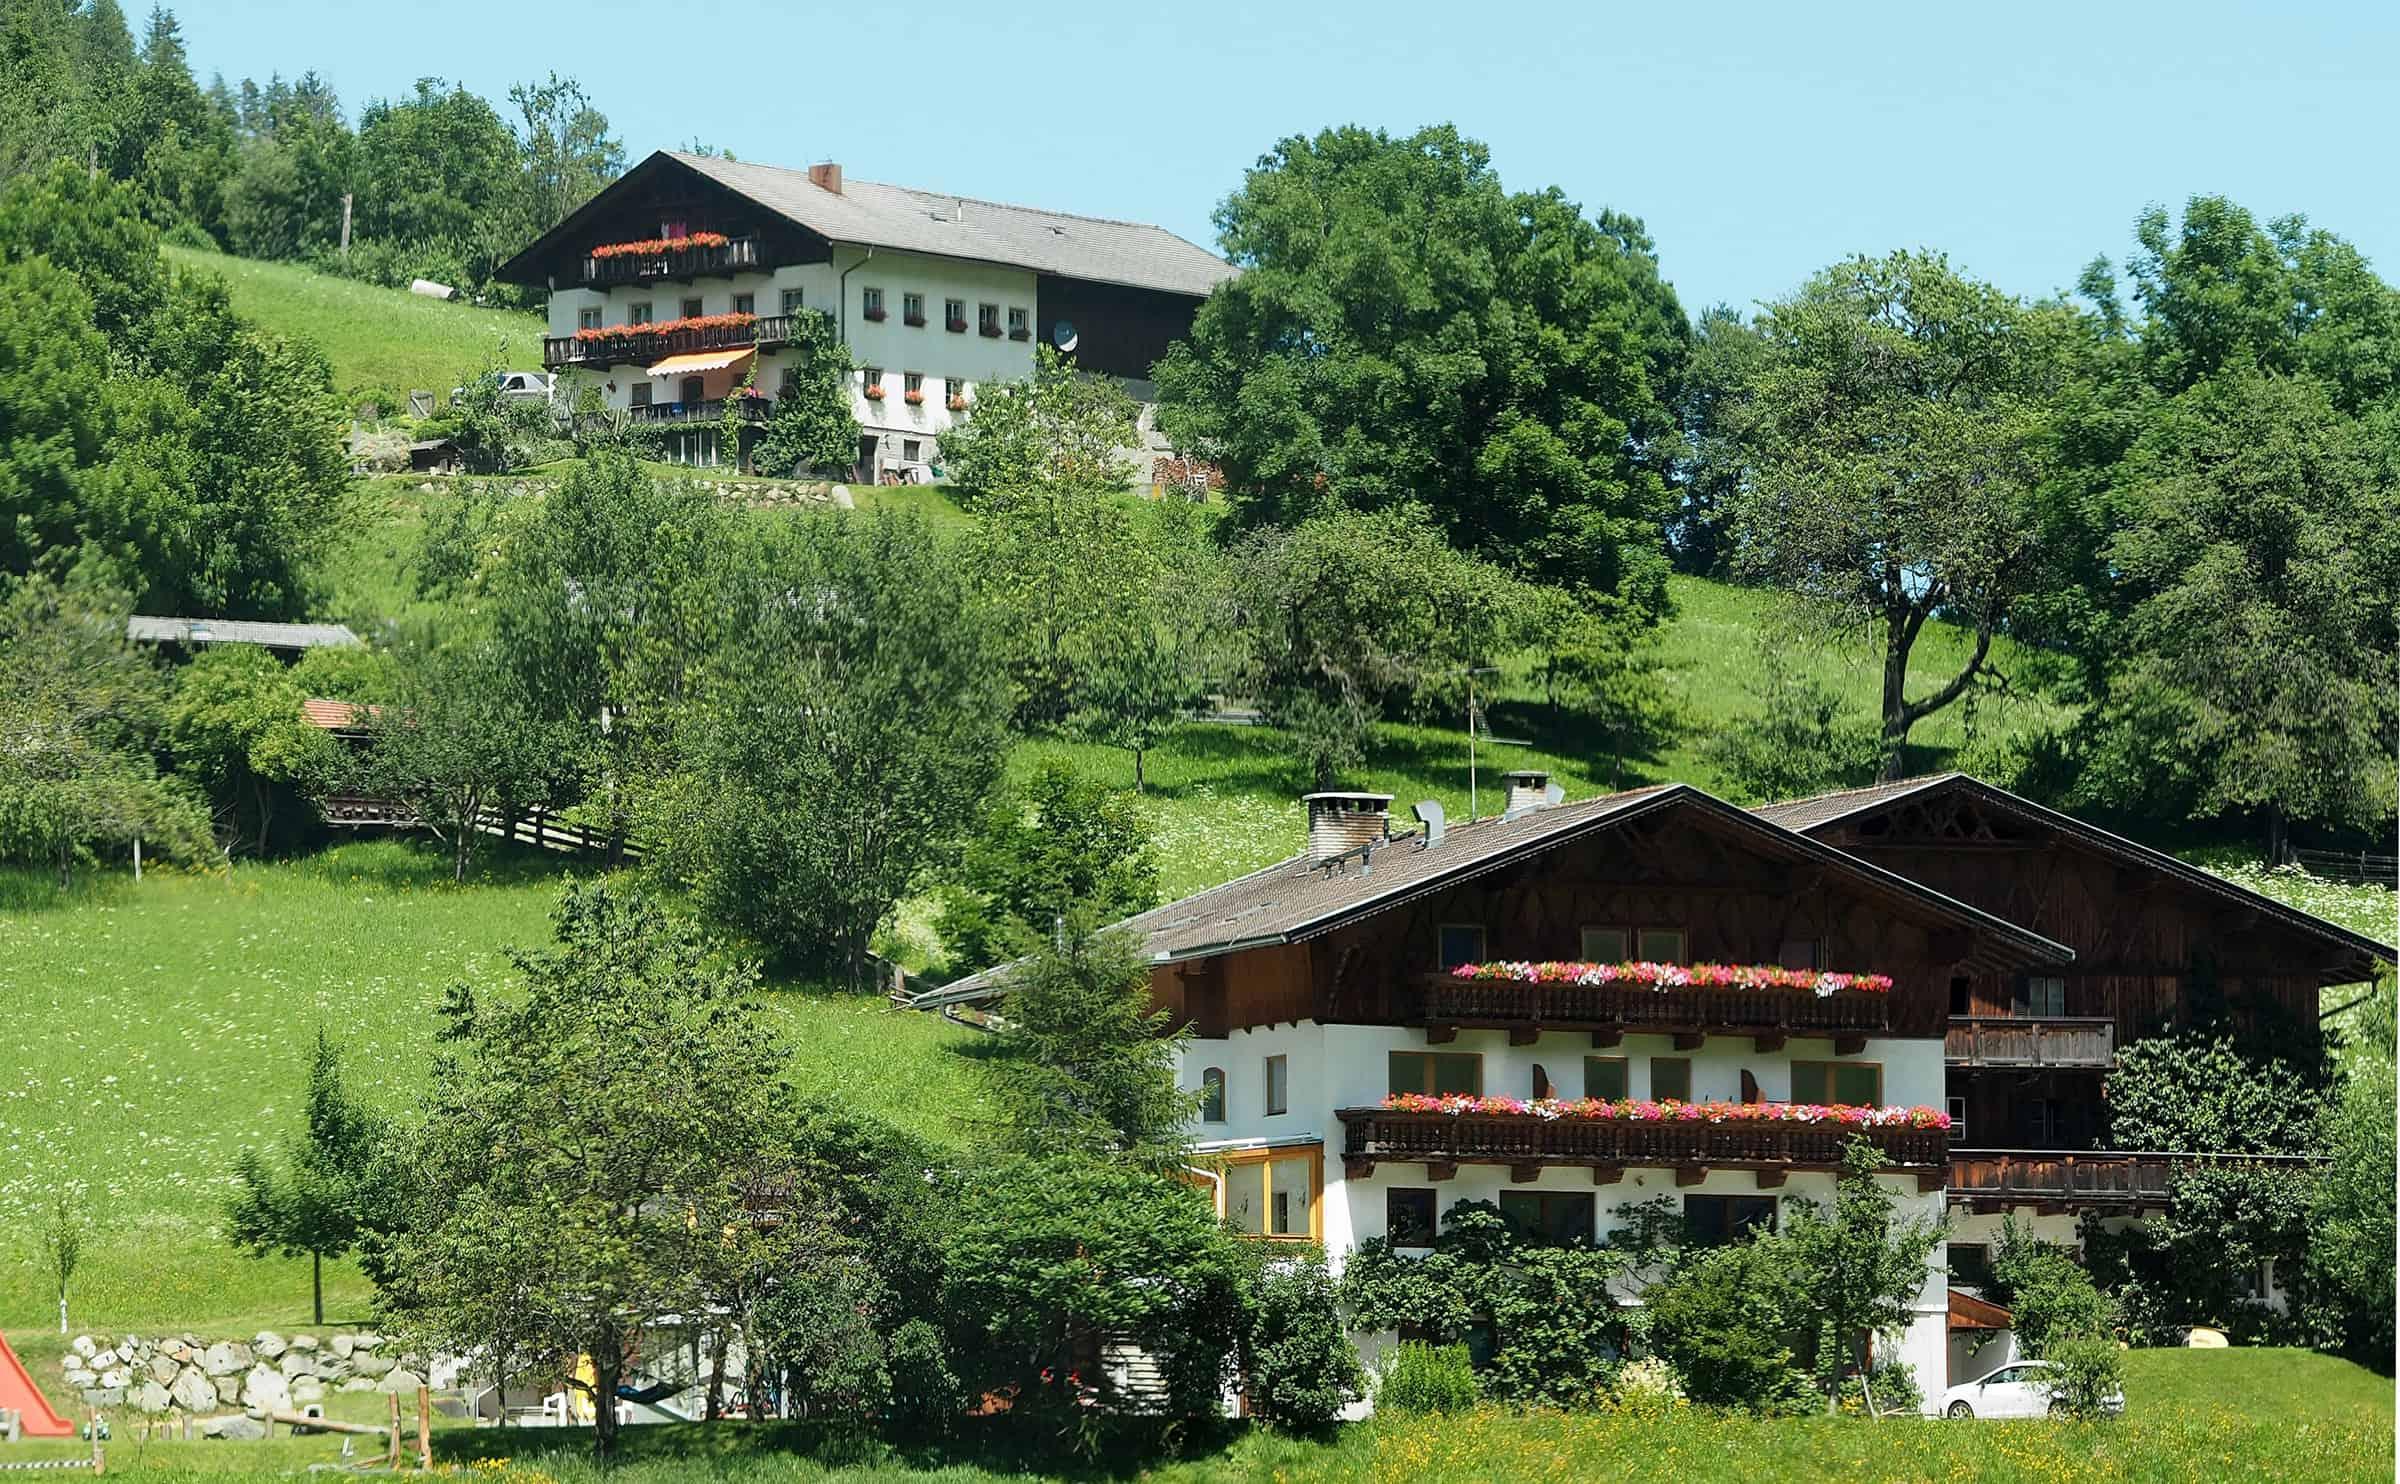 Impressie van het prachtige Stubai in Oostenrijk 3